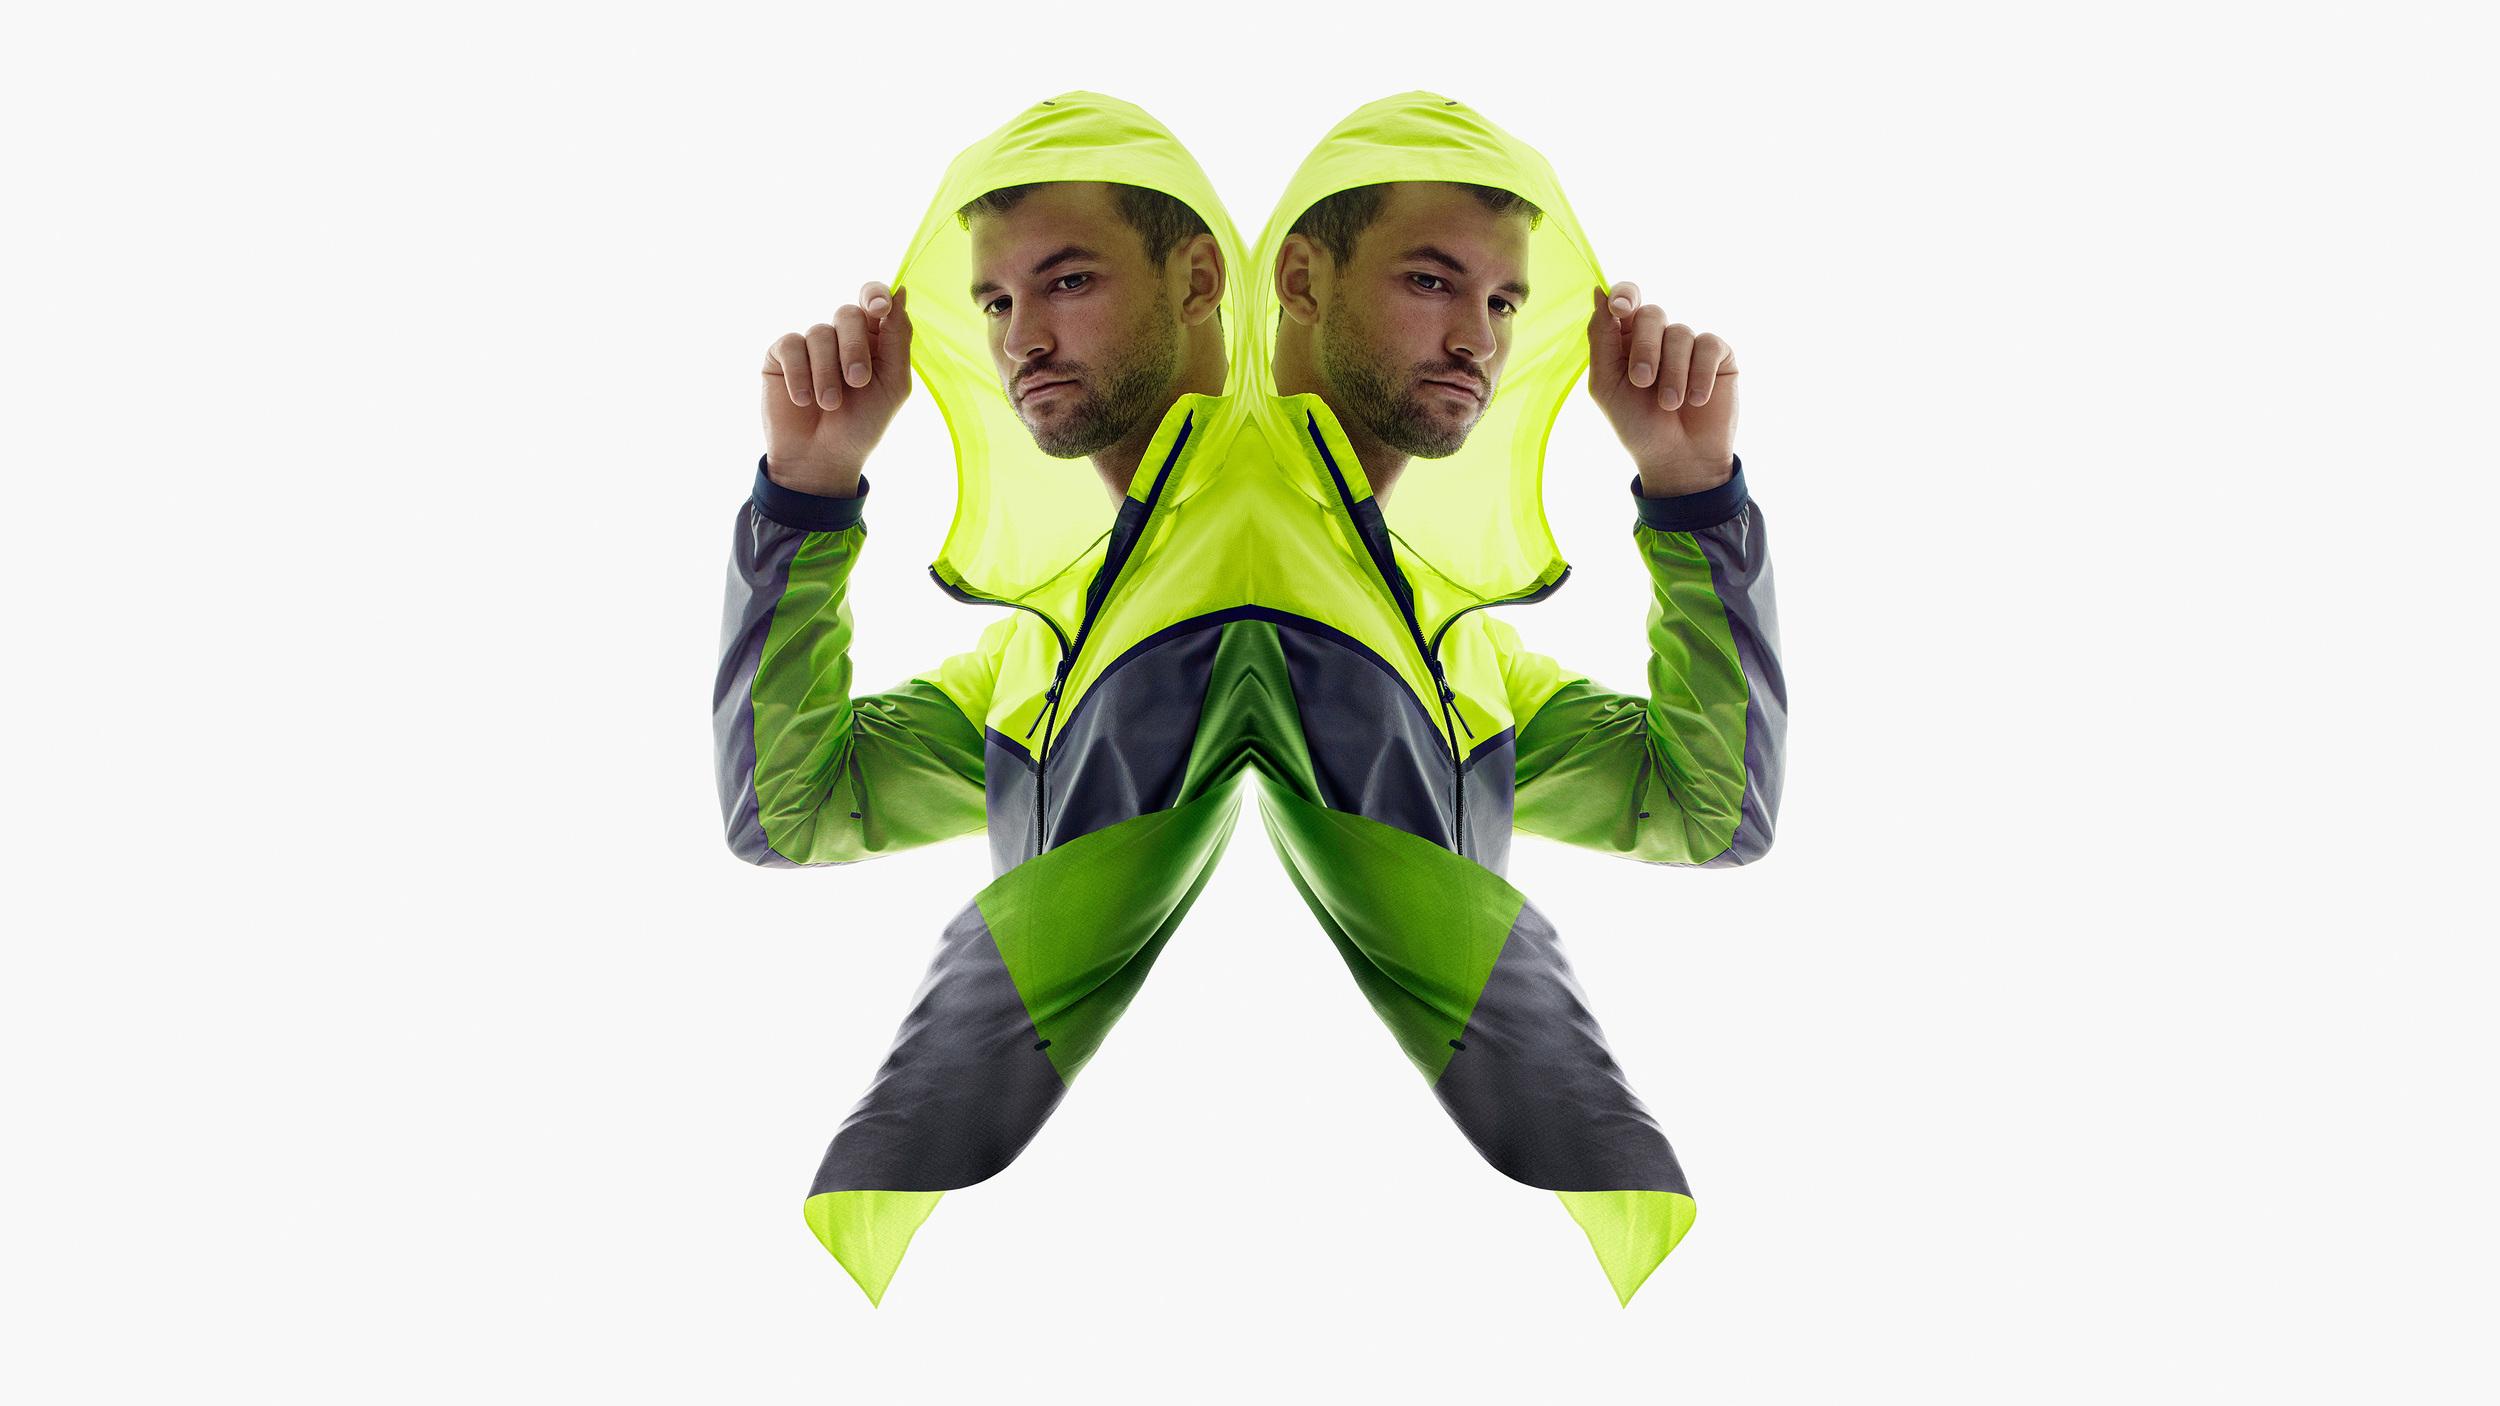 NikeLab_x_Kim_Jones_3_60222.jpg